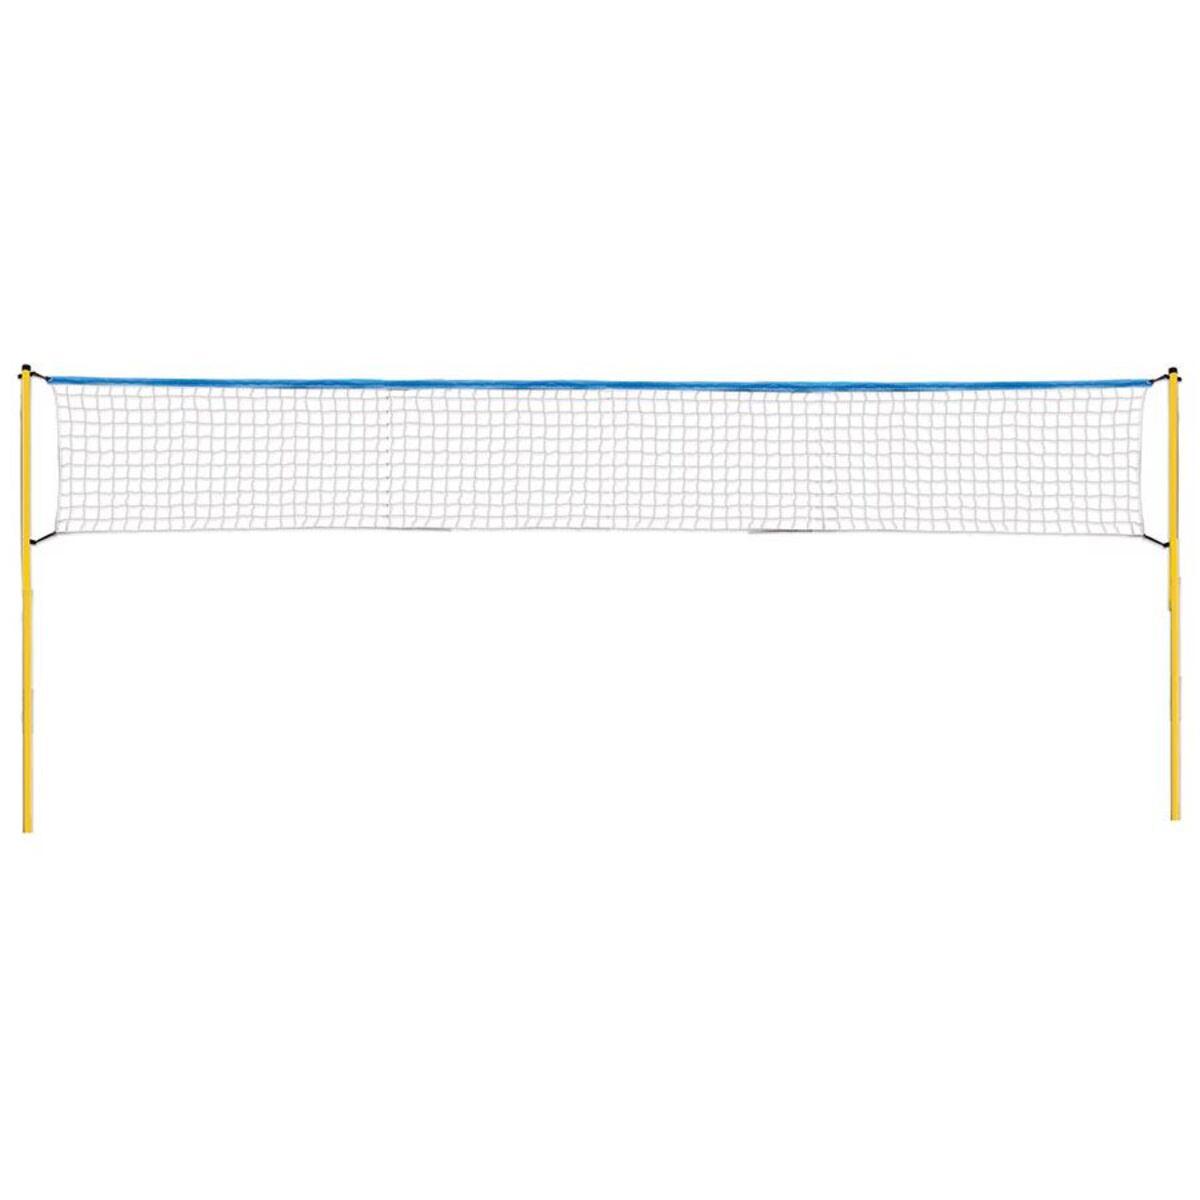 Bild 2 von Scatch Volleyball- und Badminton-Set